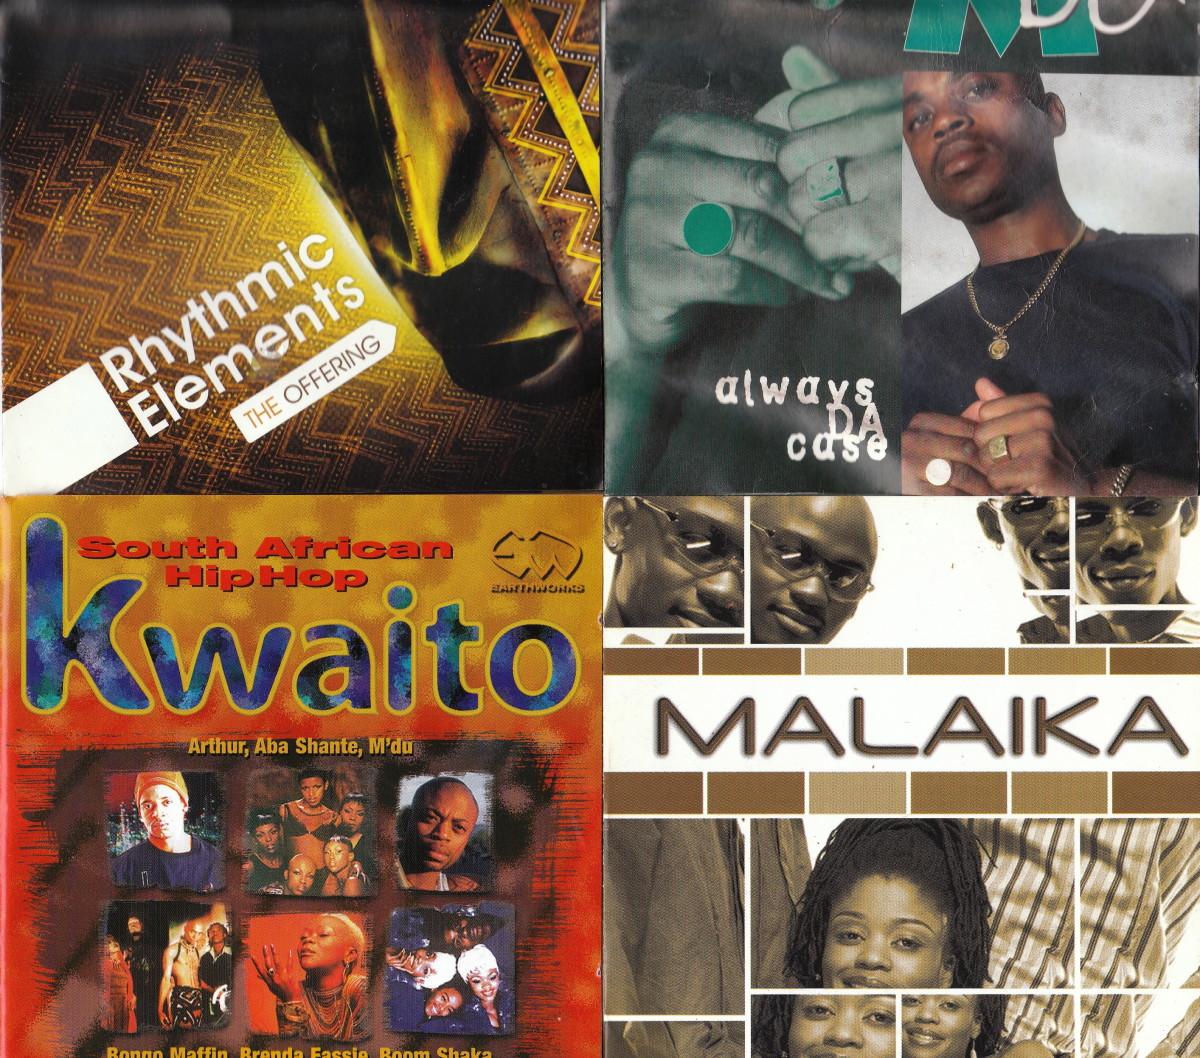 Rhytmic Elements; M'du Masilela; Kwaito Artists; Malaika